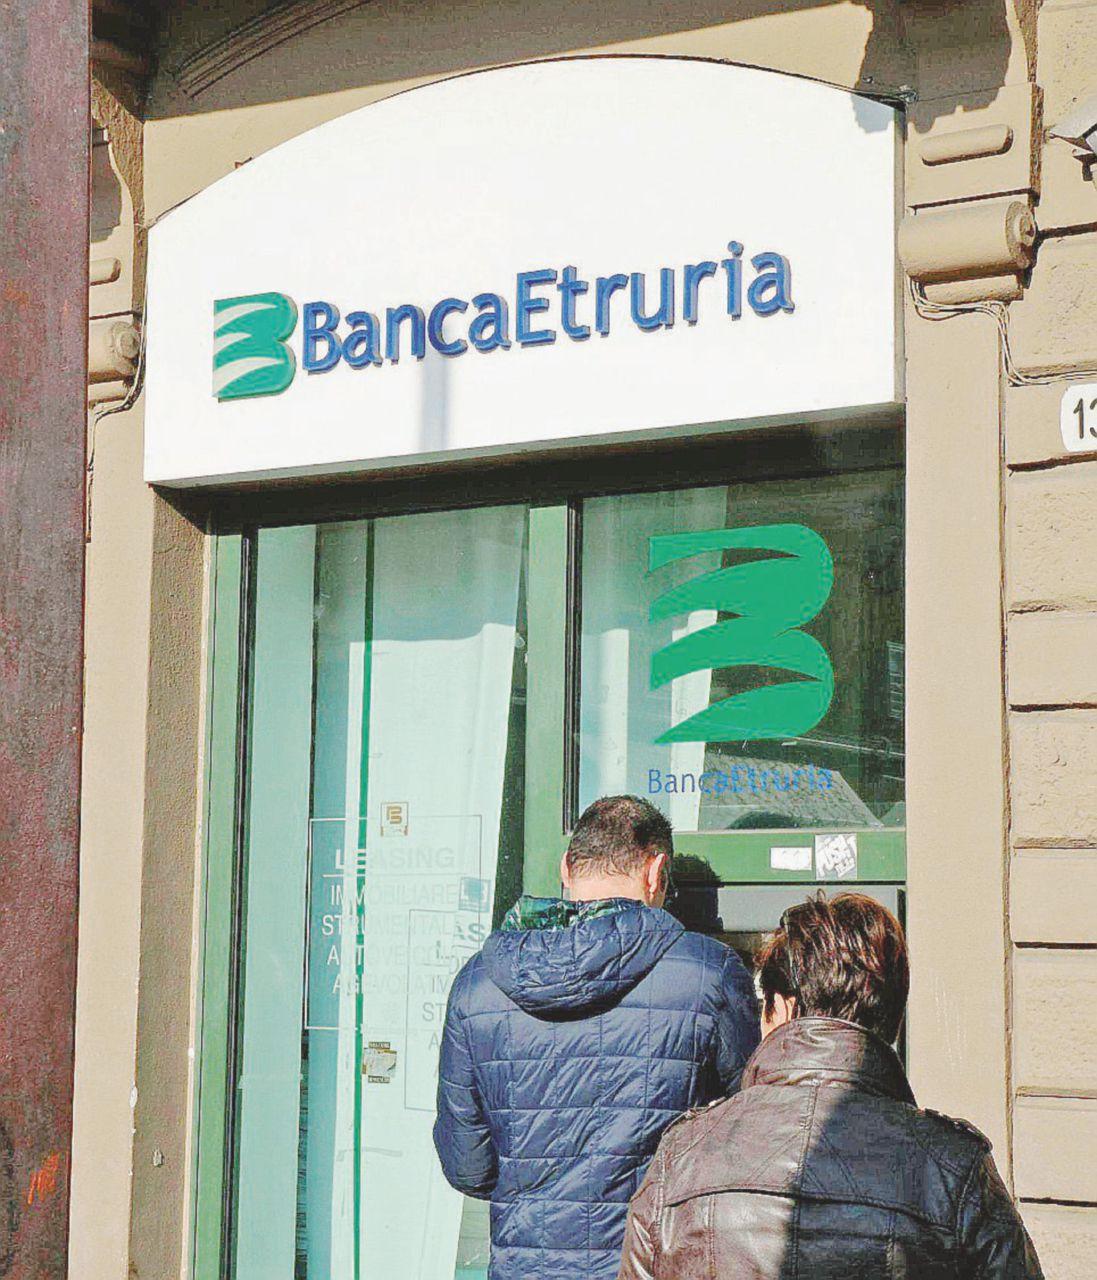 Etruria, assolto Fornasari. Uno schiaffo a Bankitalia